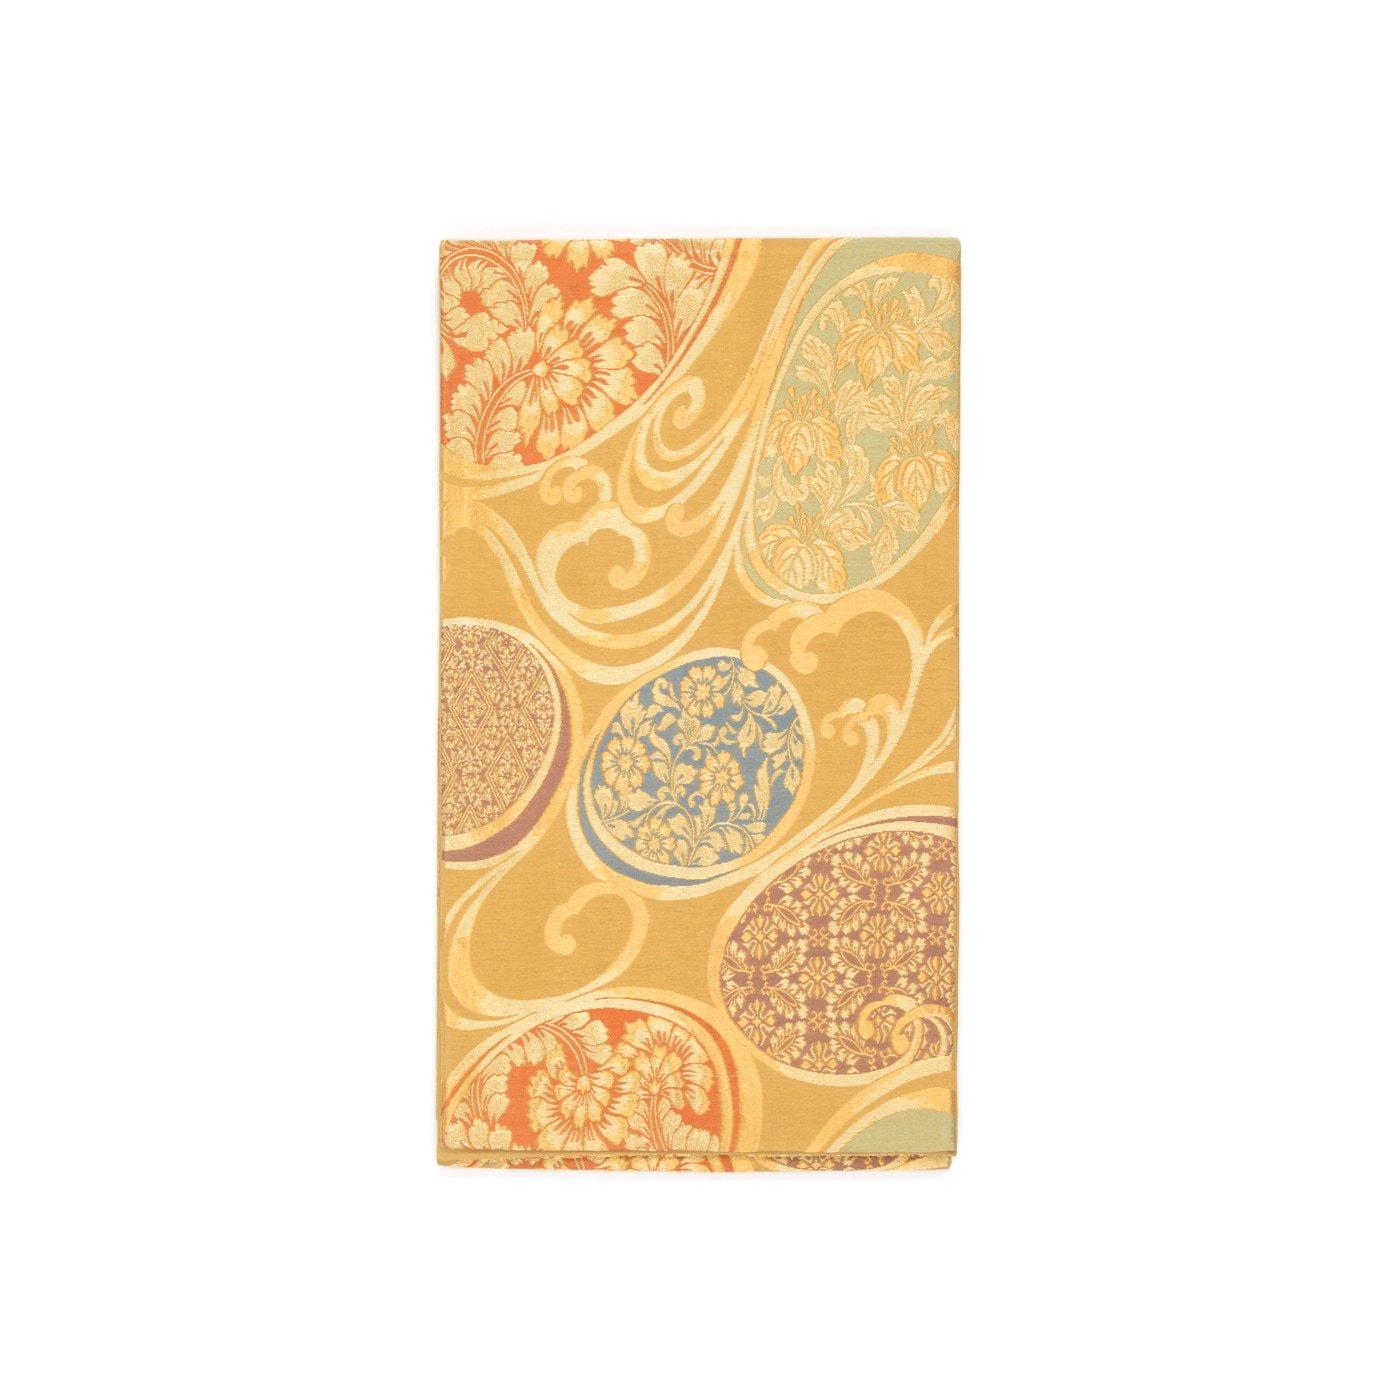 「袋帯●波の丸に唐花など」の商品画像